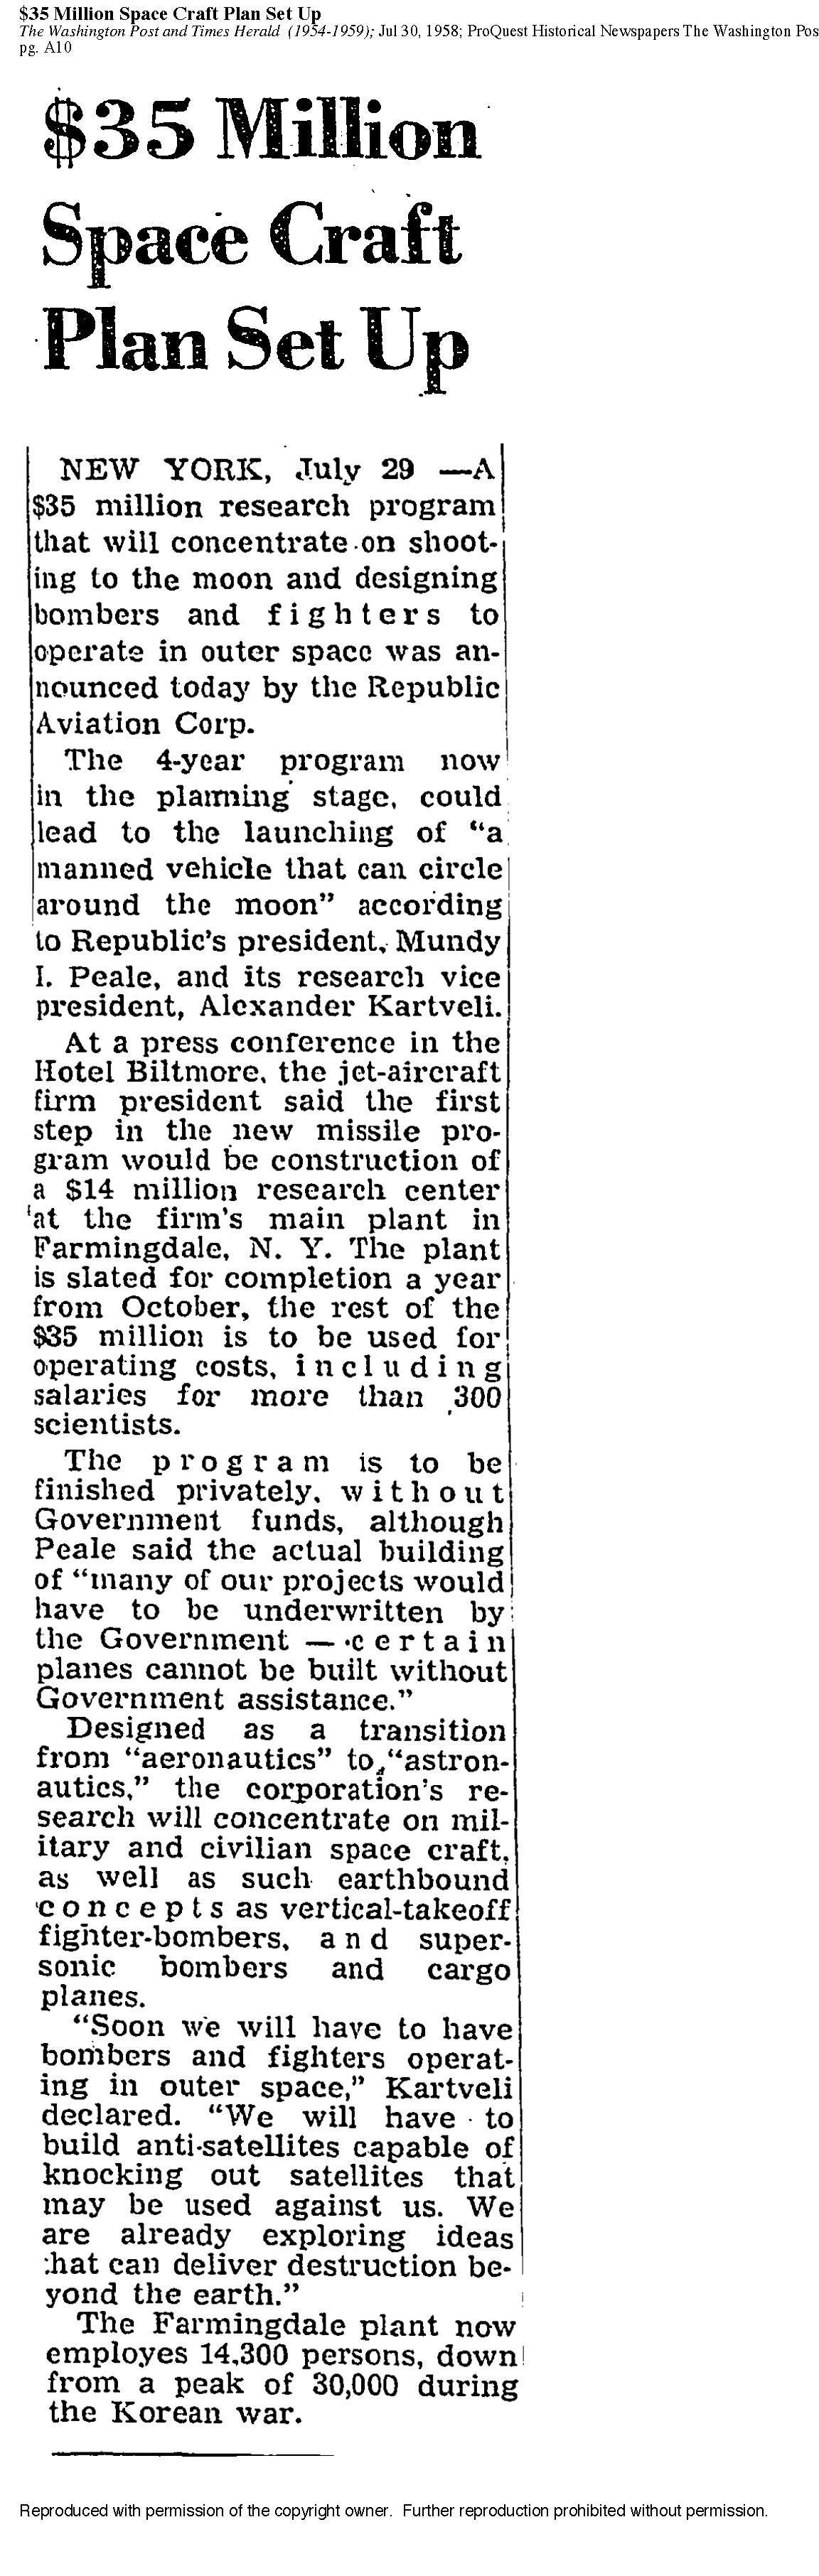 July 30, 1958